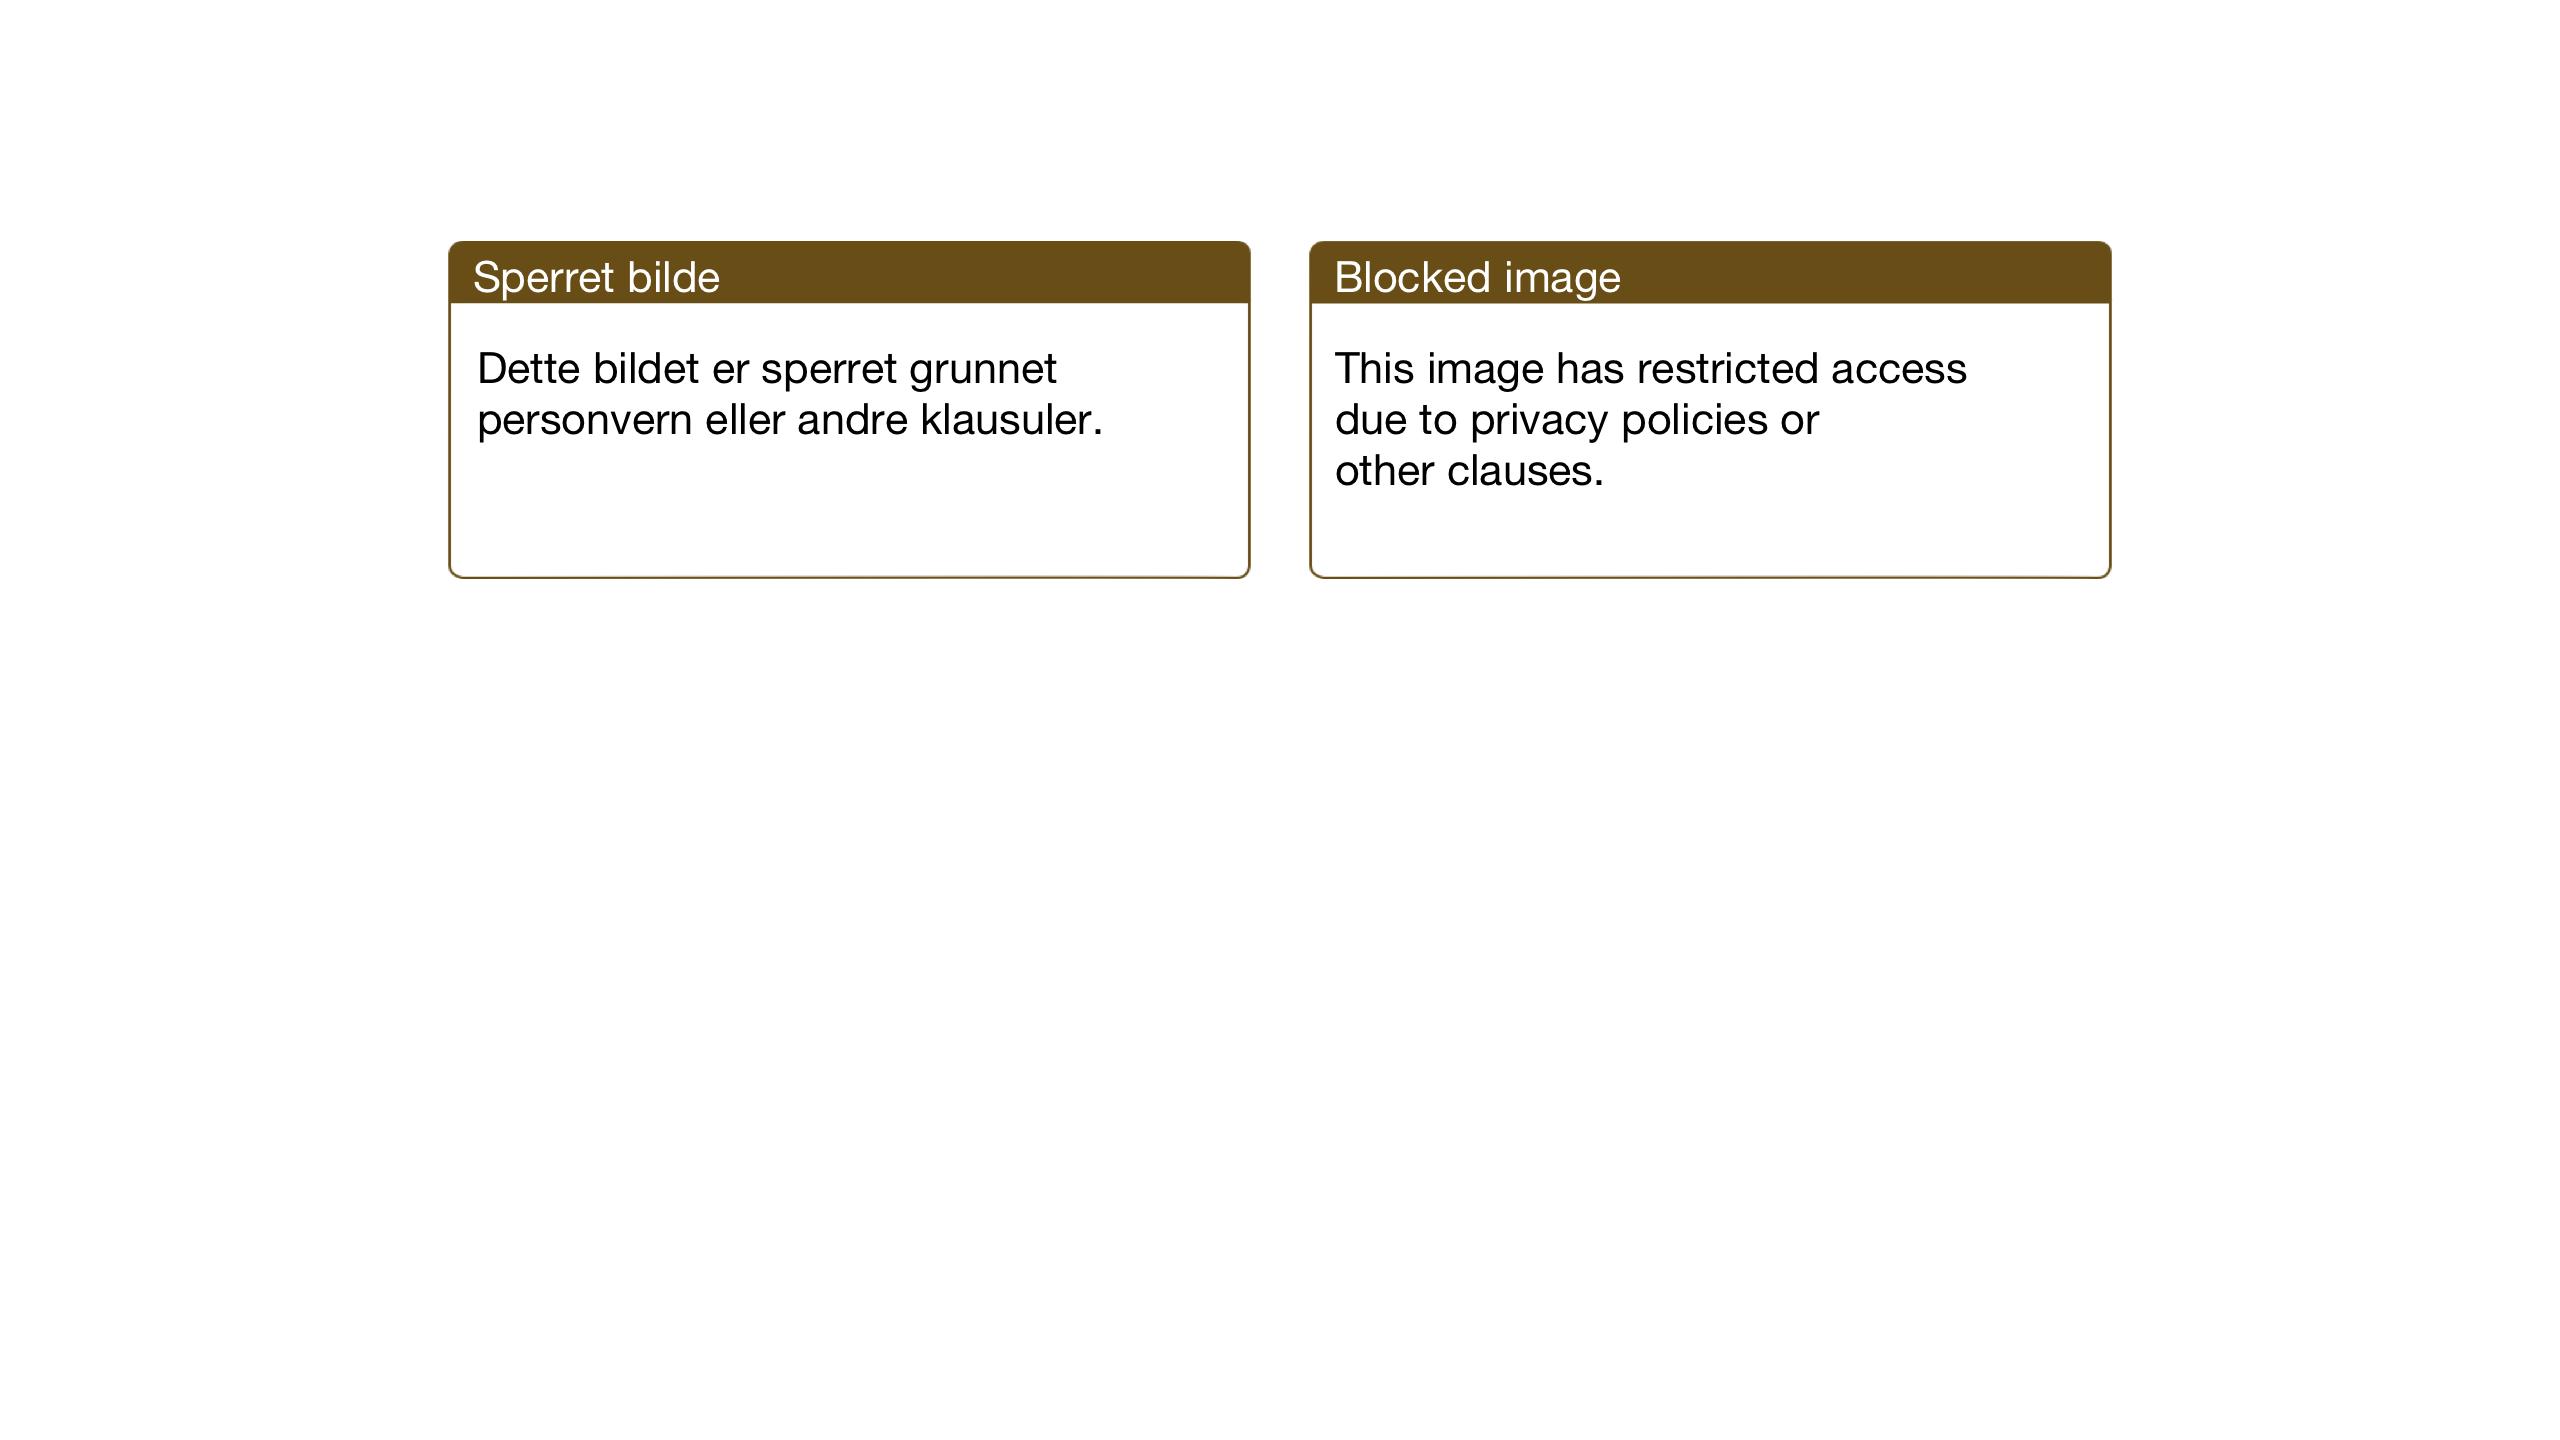 SAT, Ministerialprotokoller, klokkerbøker og fødselsregistre - Sør-Trøndelag, 686/L0986: Klokkerbok nr. 686C02, 1933-1950, s. 186